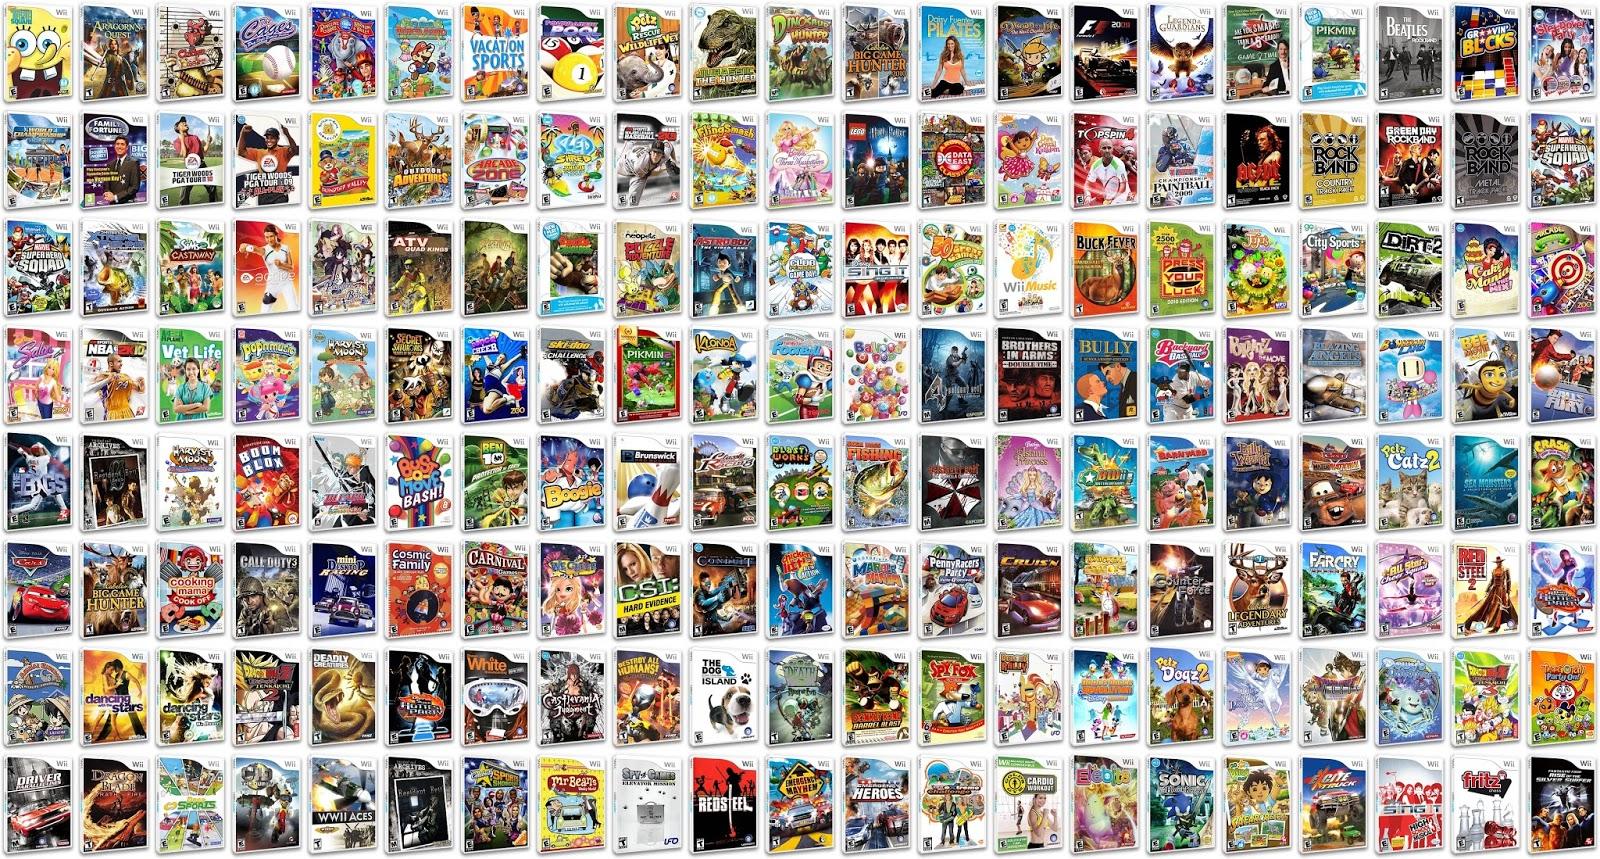 Descargar Juegos Wii Wbfs 1 Link - Descar 0